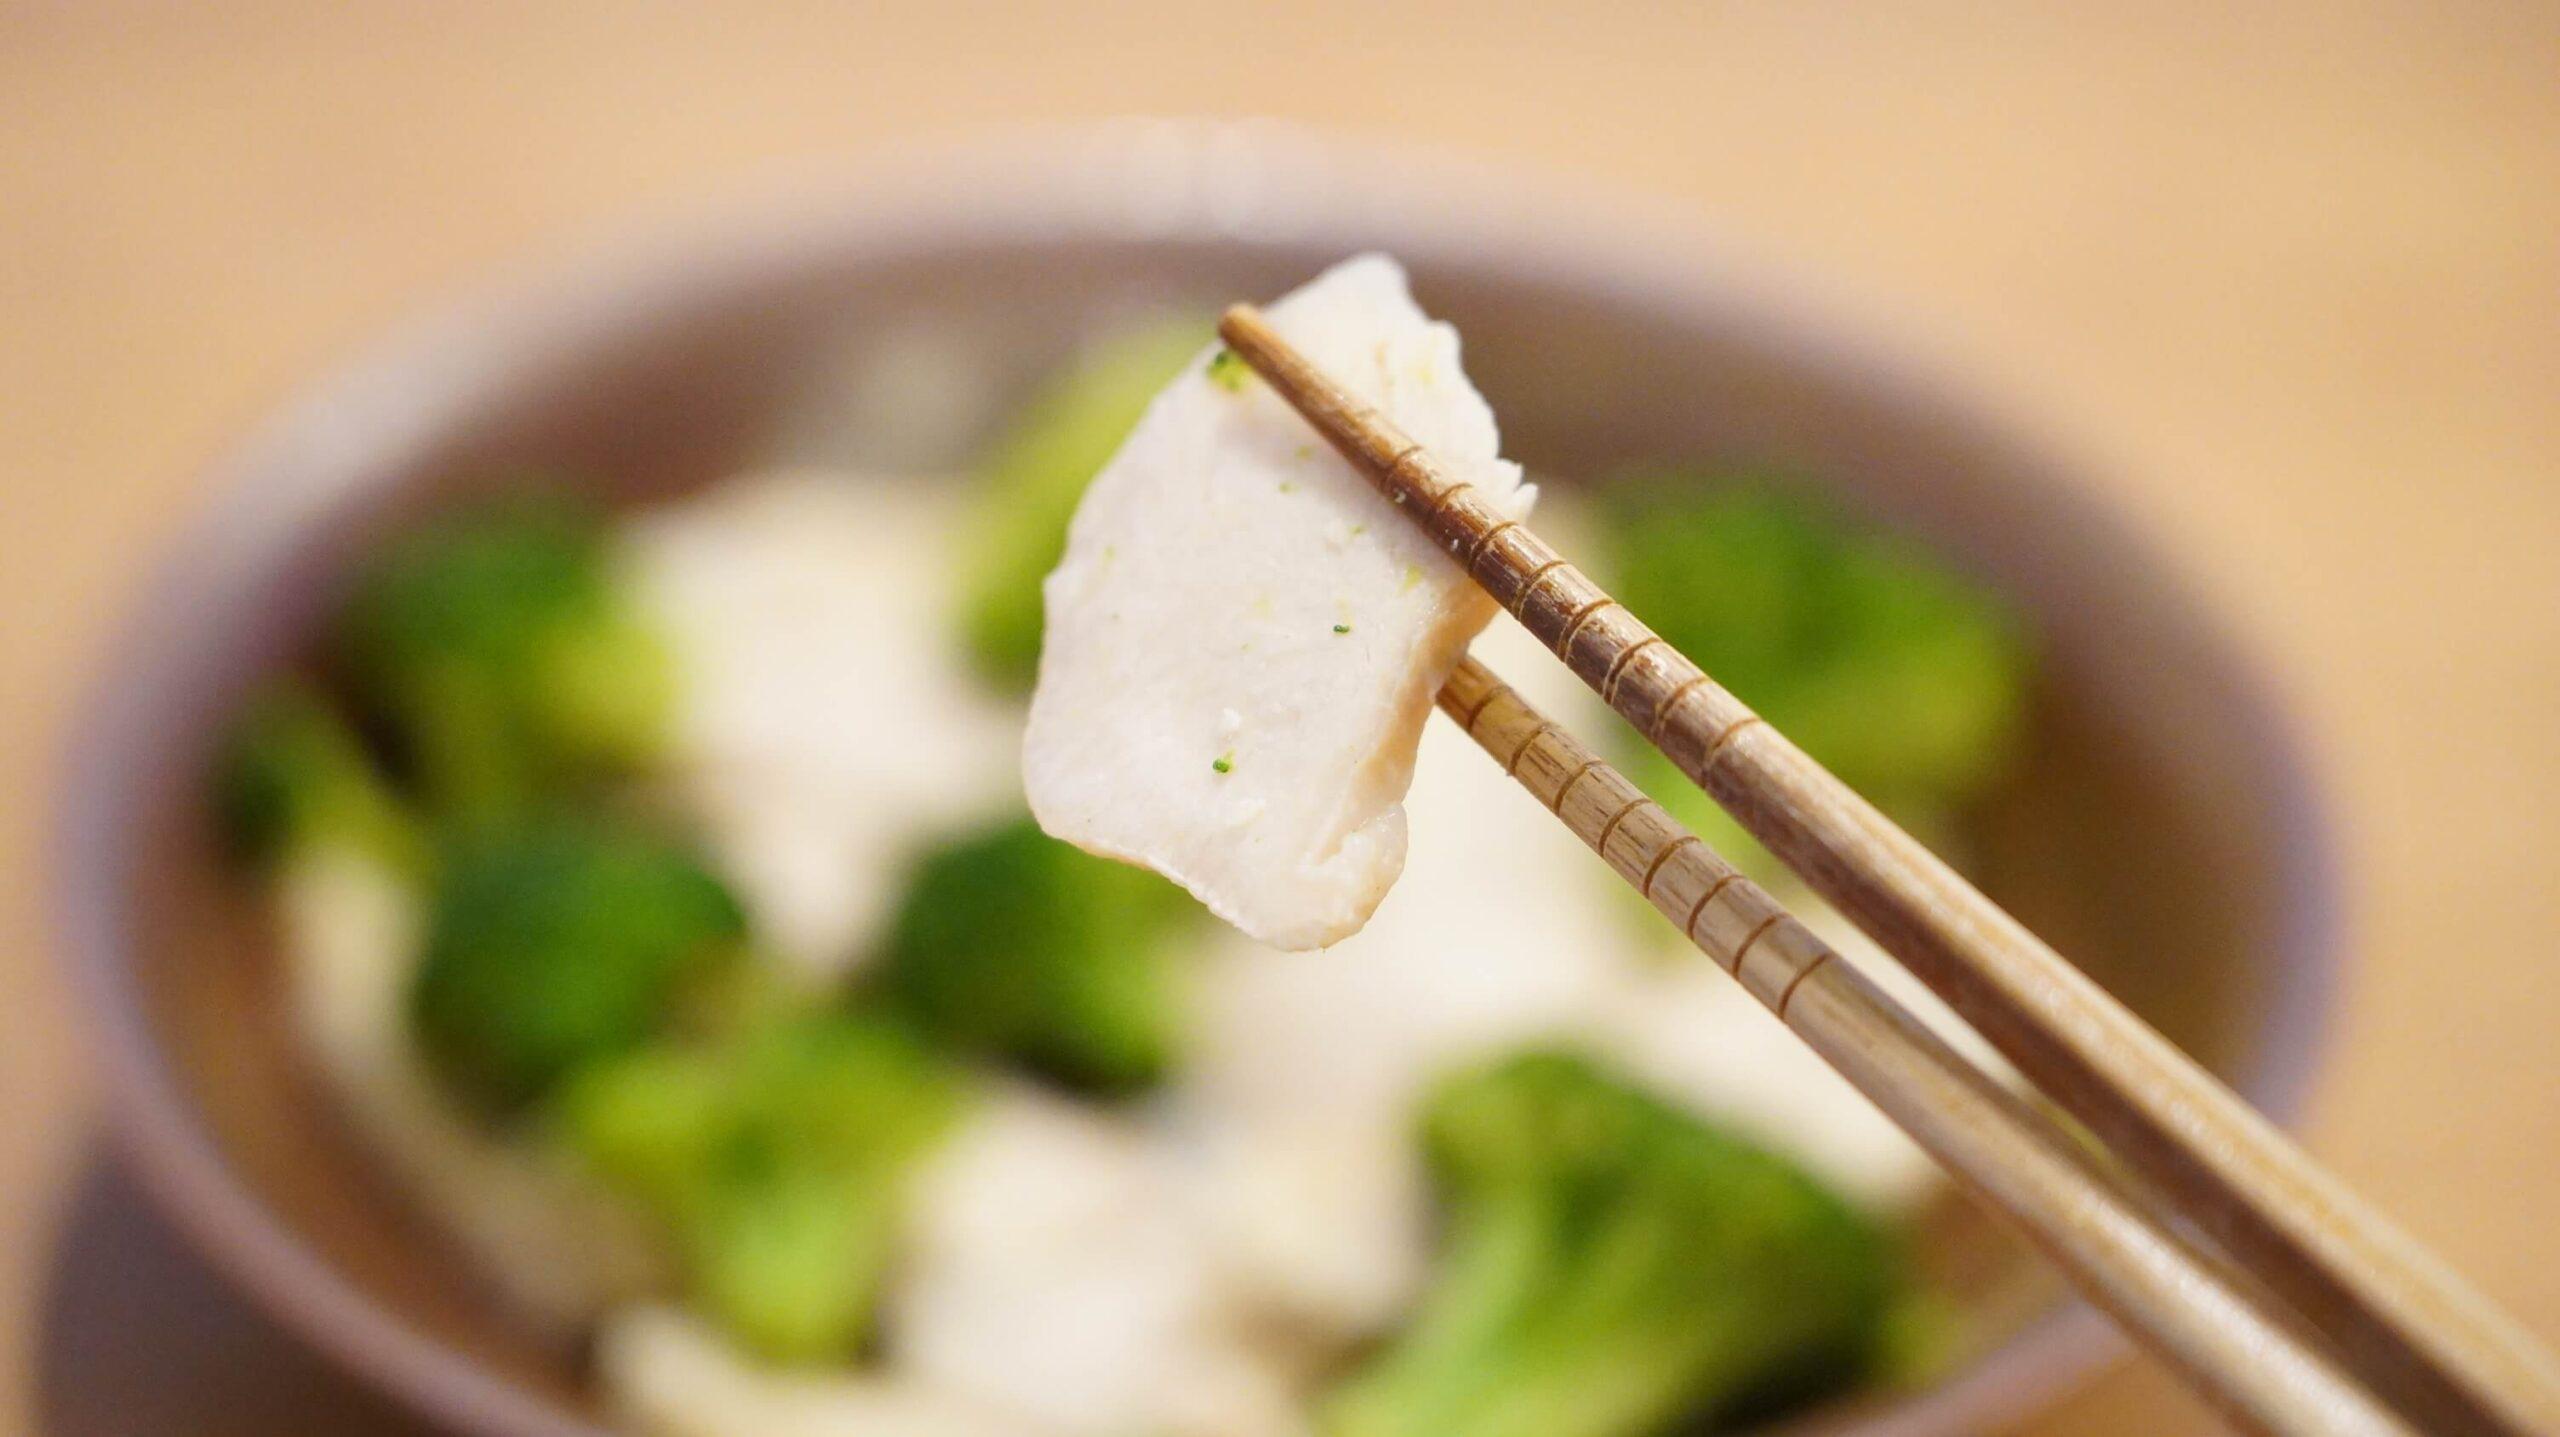 セブンイレブンの冷凍食品「鶏むね肉とブロッコリー」の鶏肉を箸で持ち上げている写真